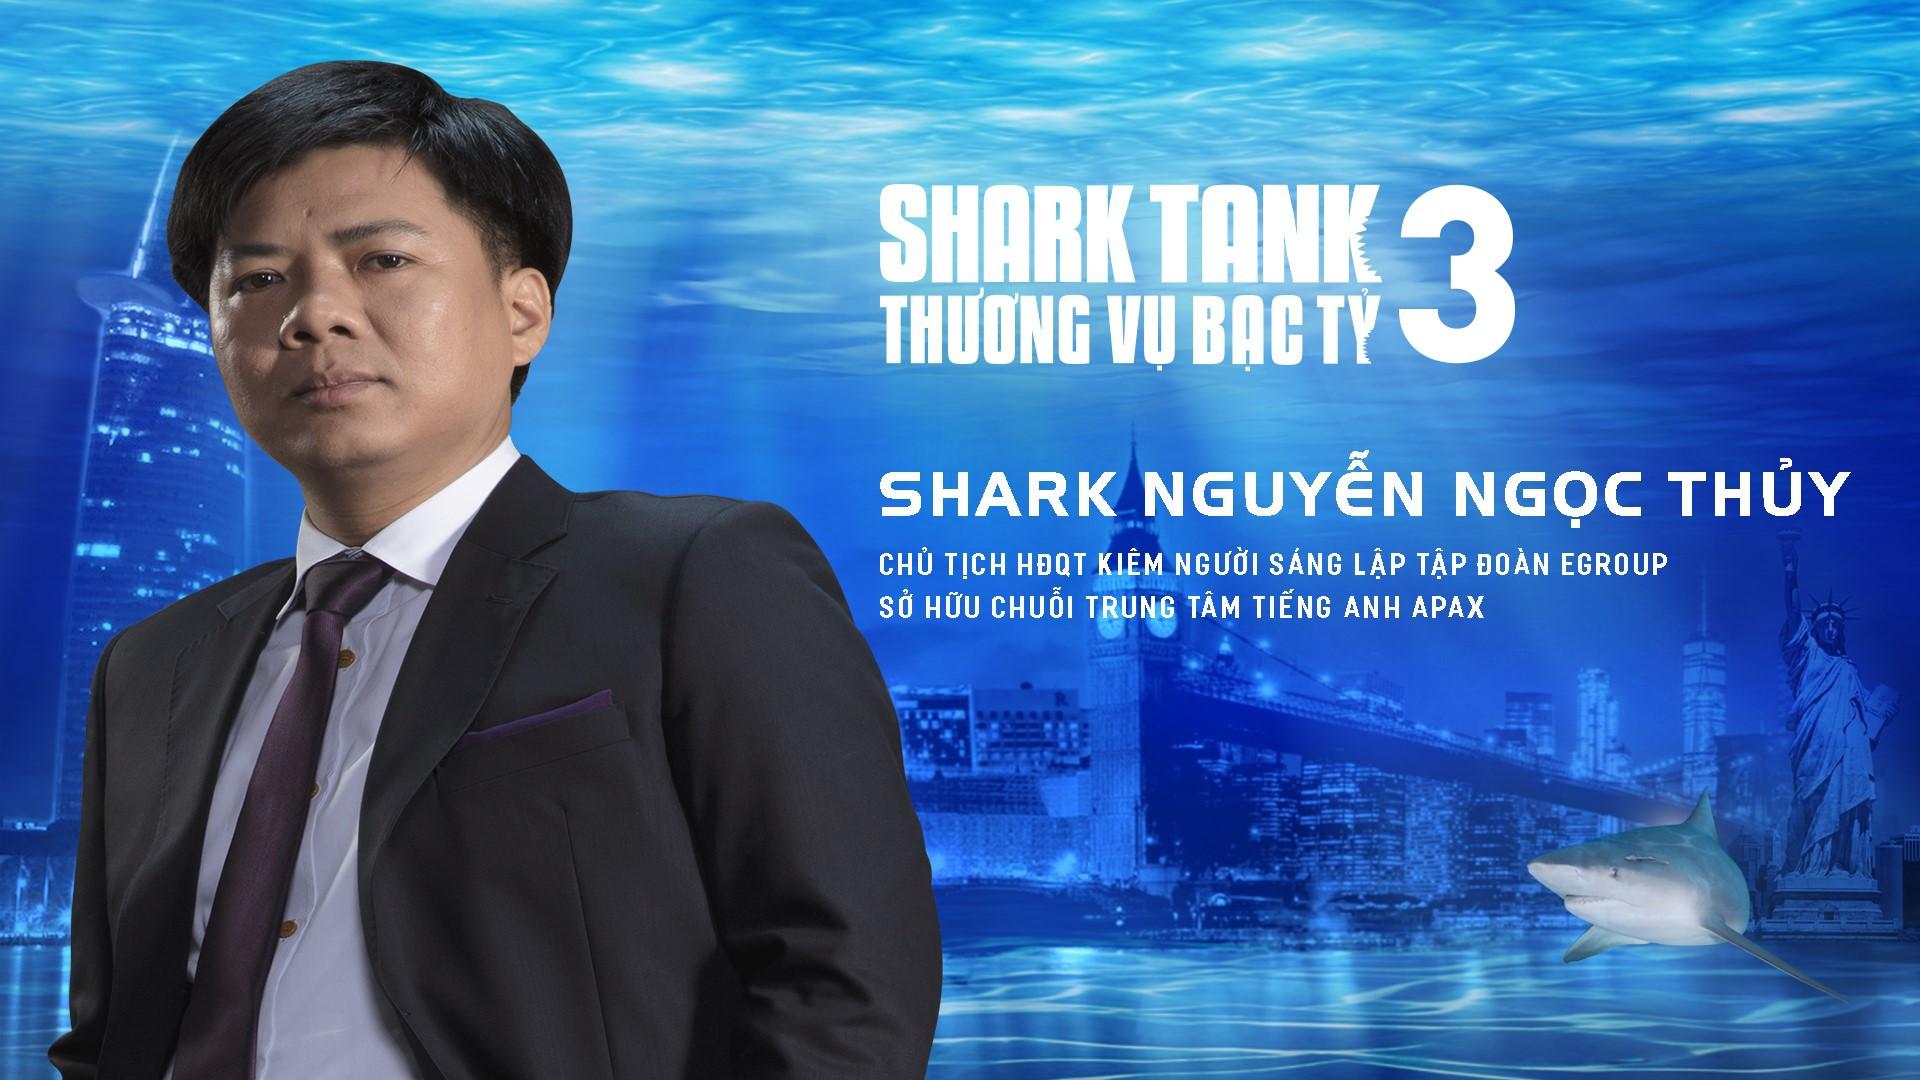 Shark Thủy - hành trình khởi nghiệp và xây dựng tập đoàn giáo dục Egroup